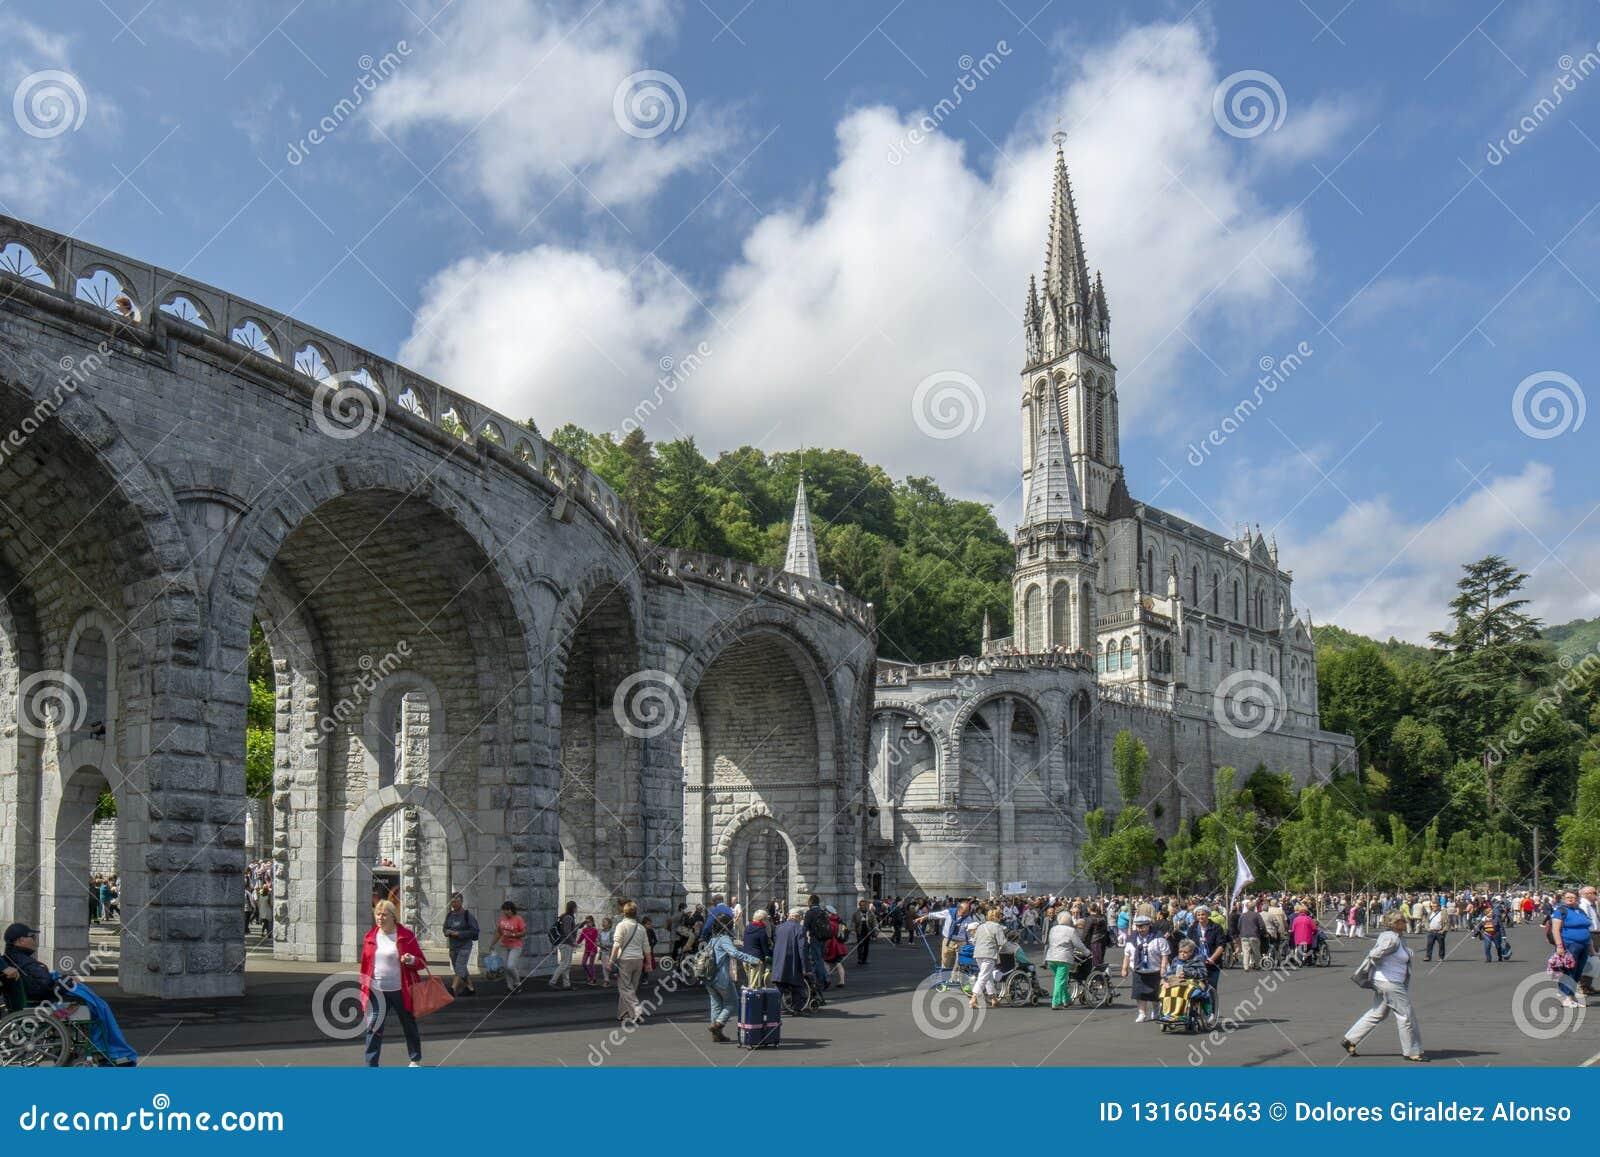 Лурд, midi-Pyrénées, Франция; Июнь 2015: Базилика нашей дамы непорочного зачатия Лурда построена на верхней части